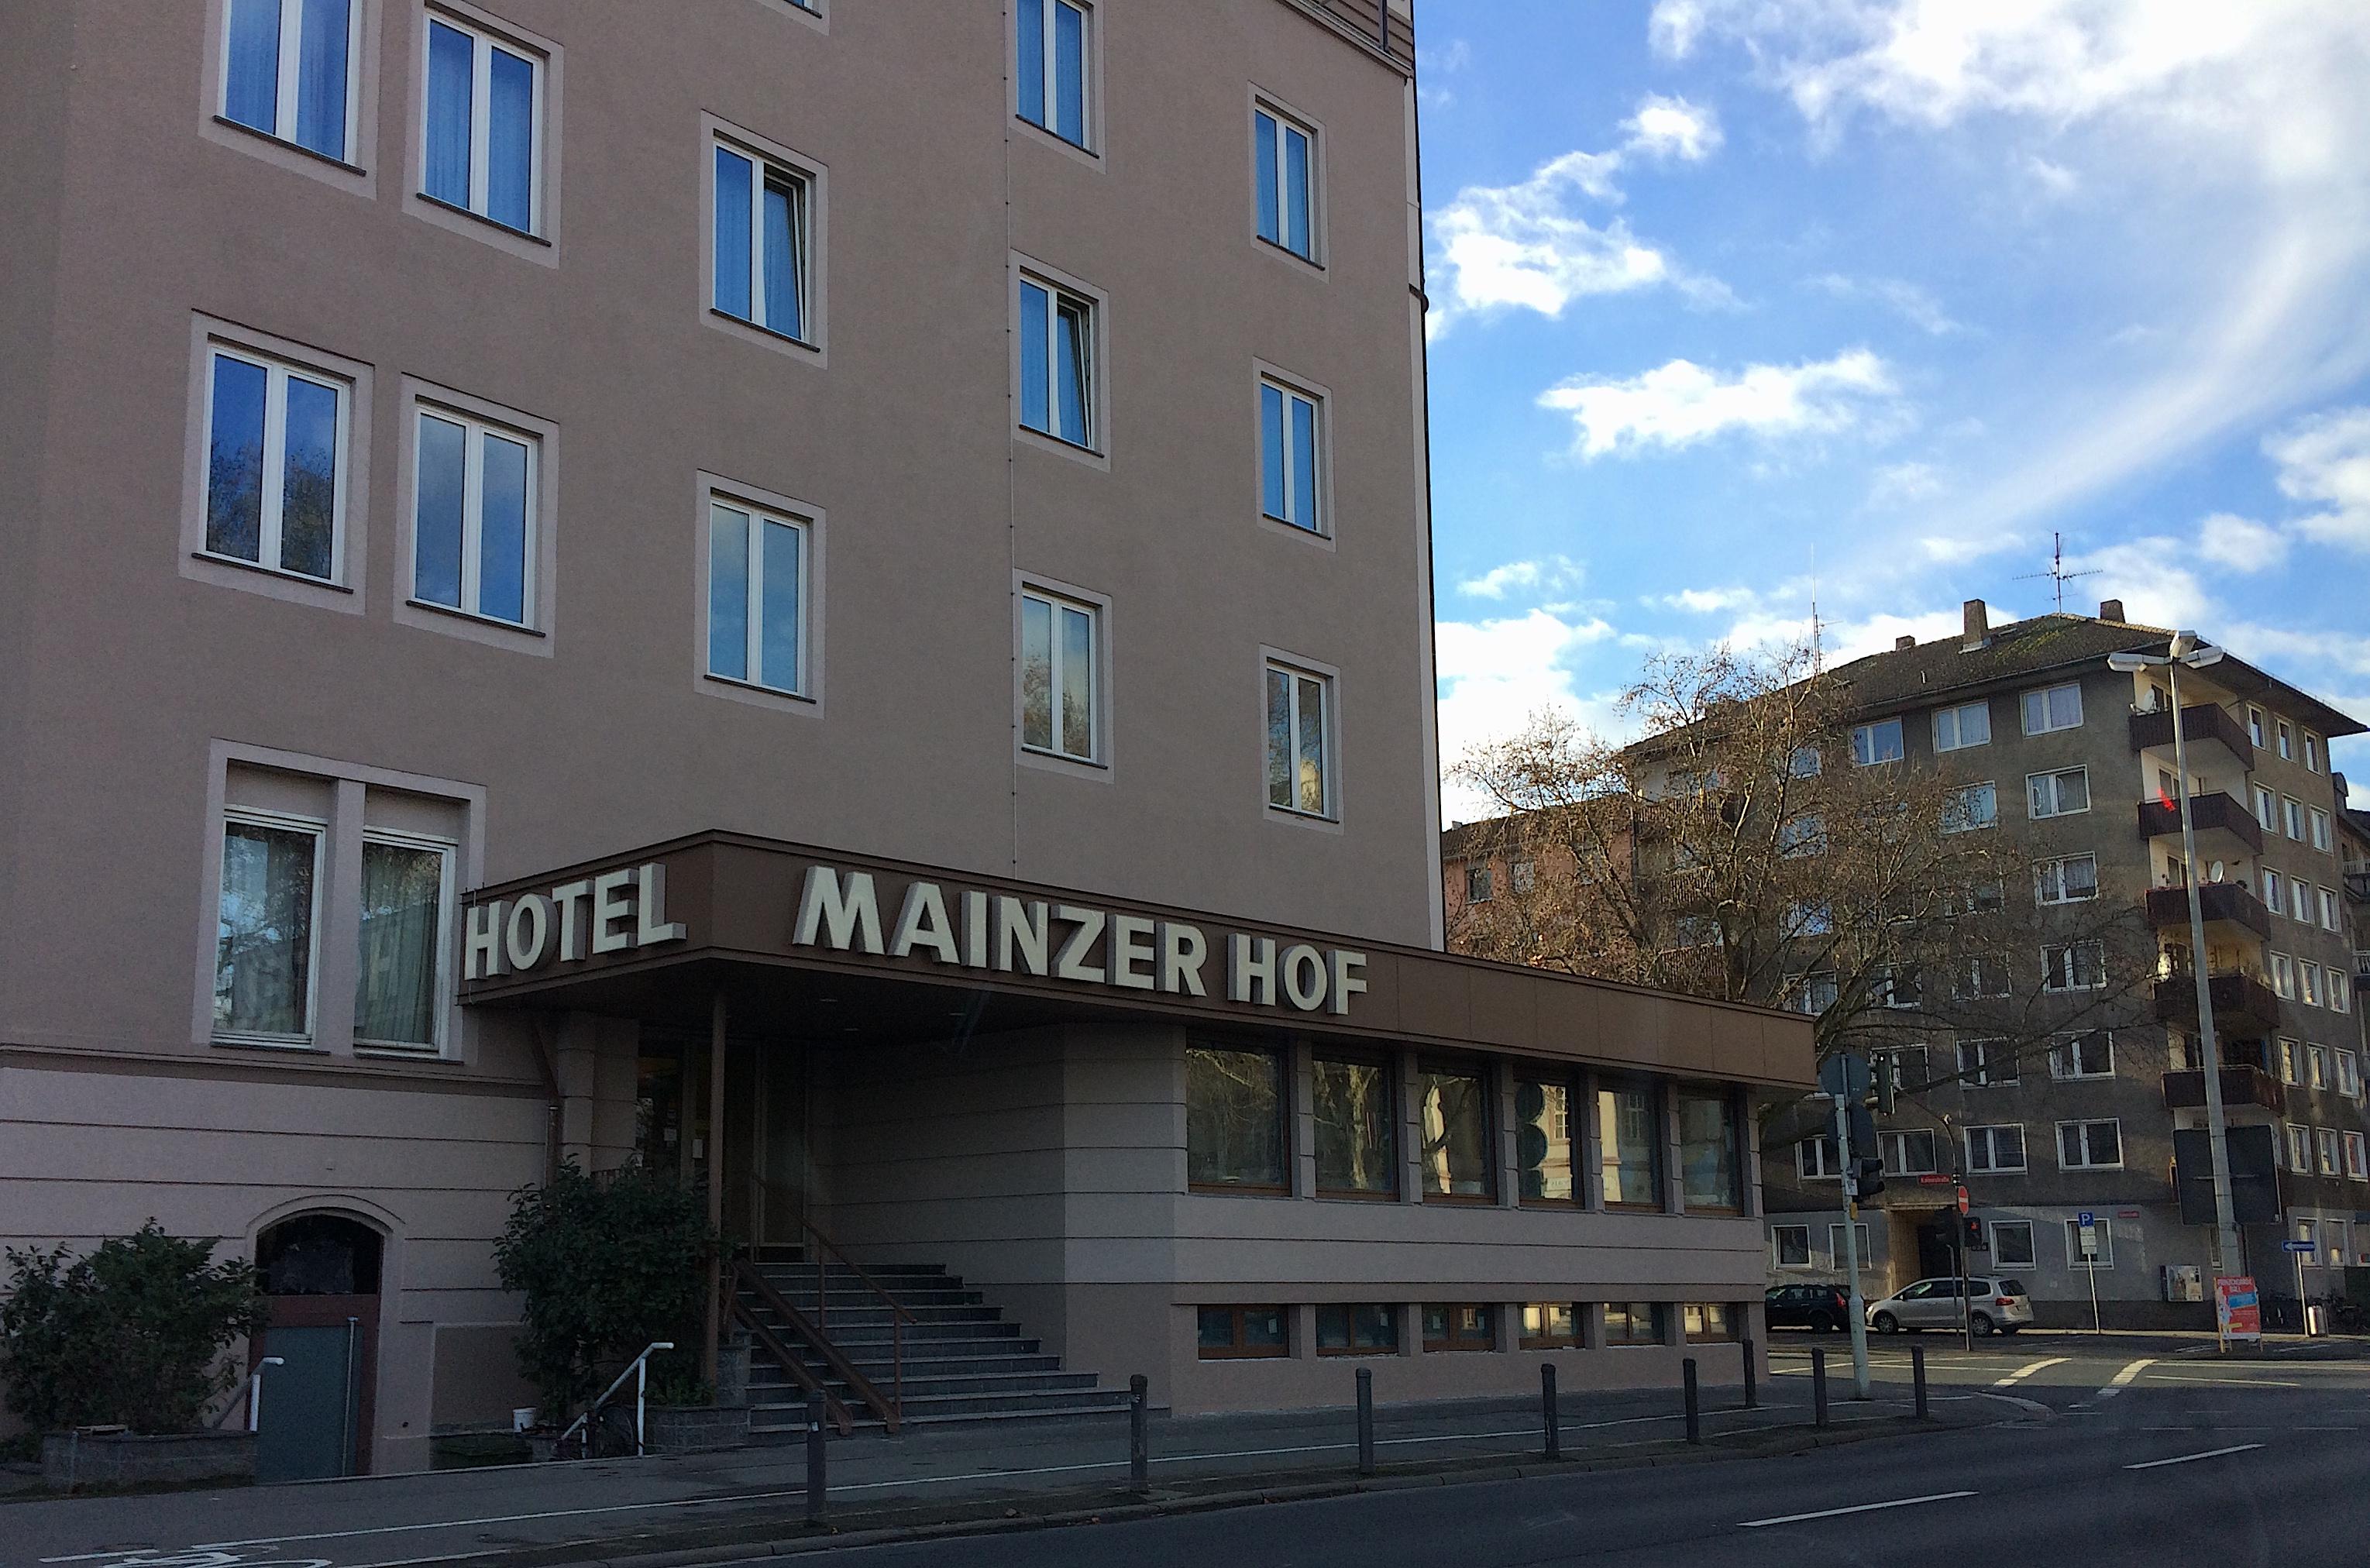 Detektivbüro Mainz observiert in Mainz Rheinland-Pfalz